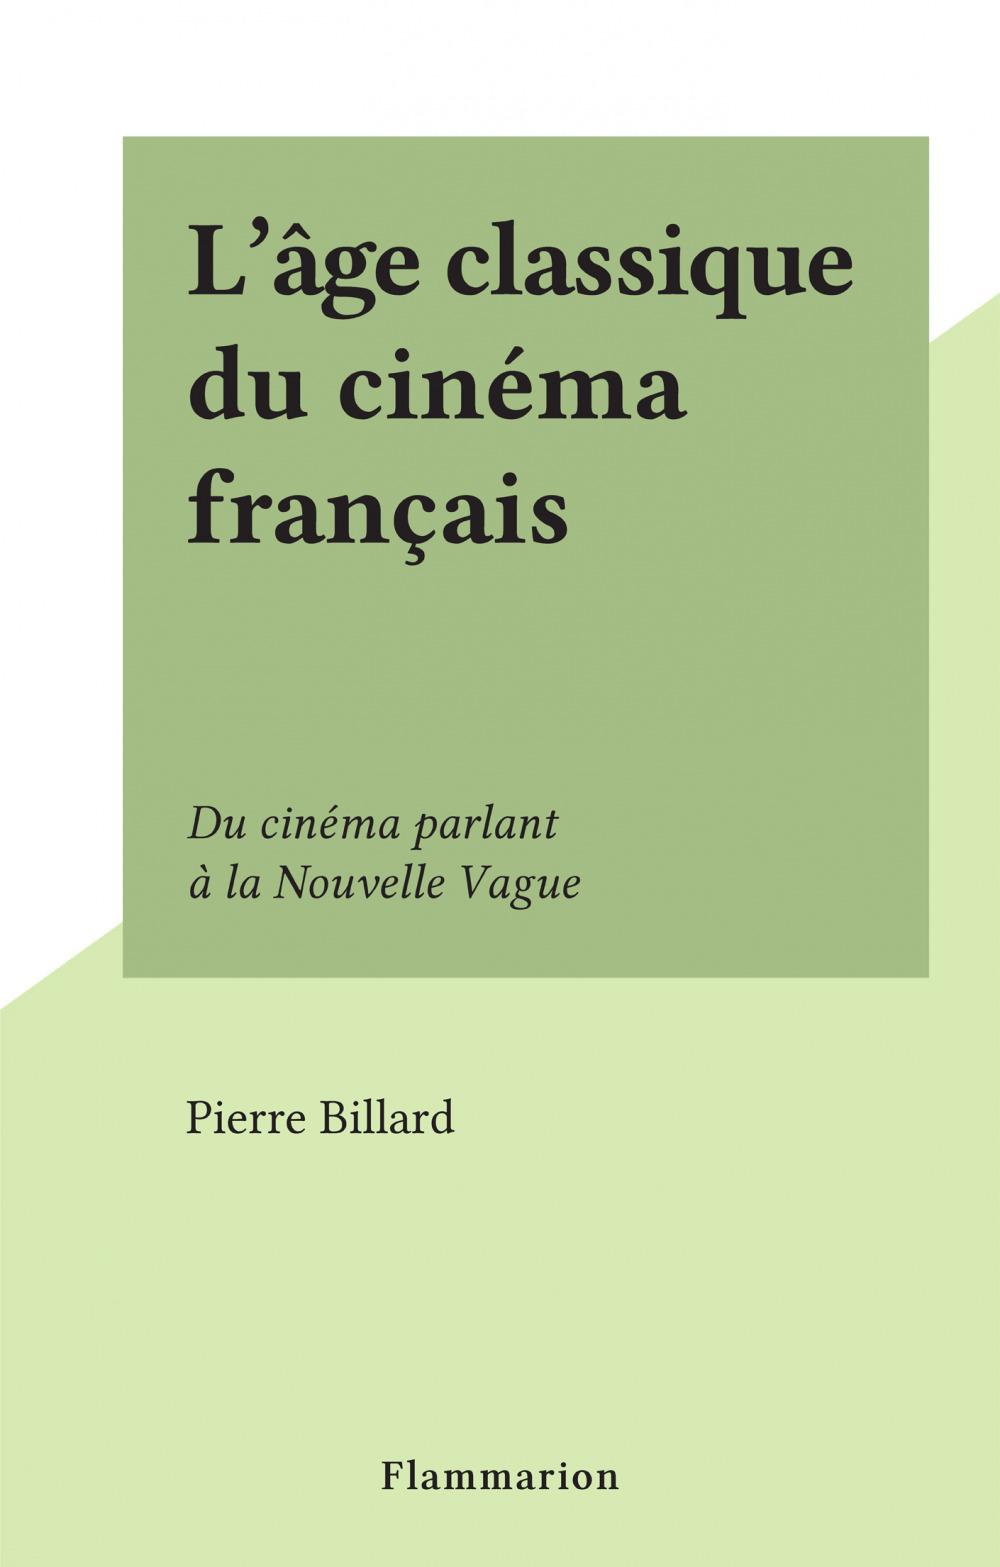 L'âge classique du cinéma français